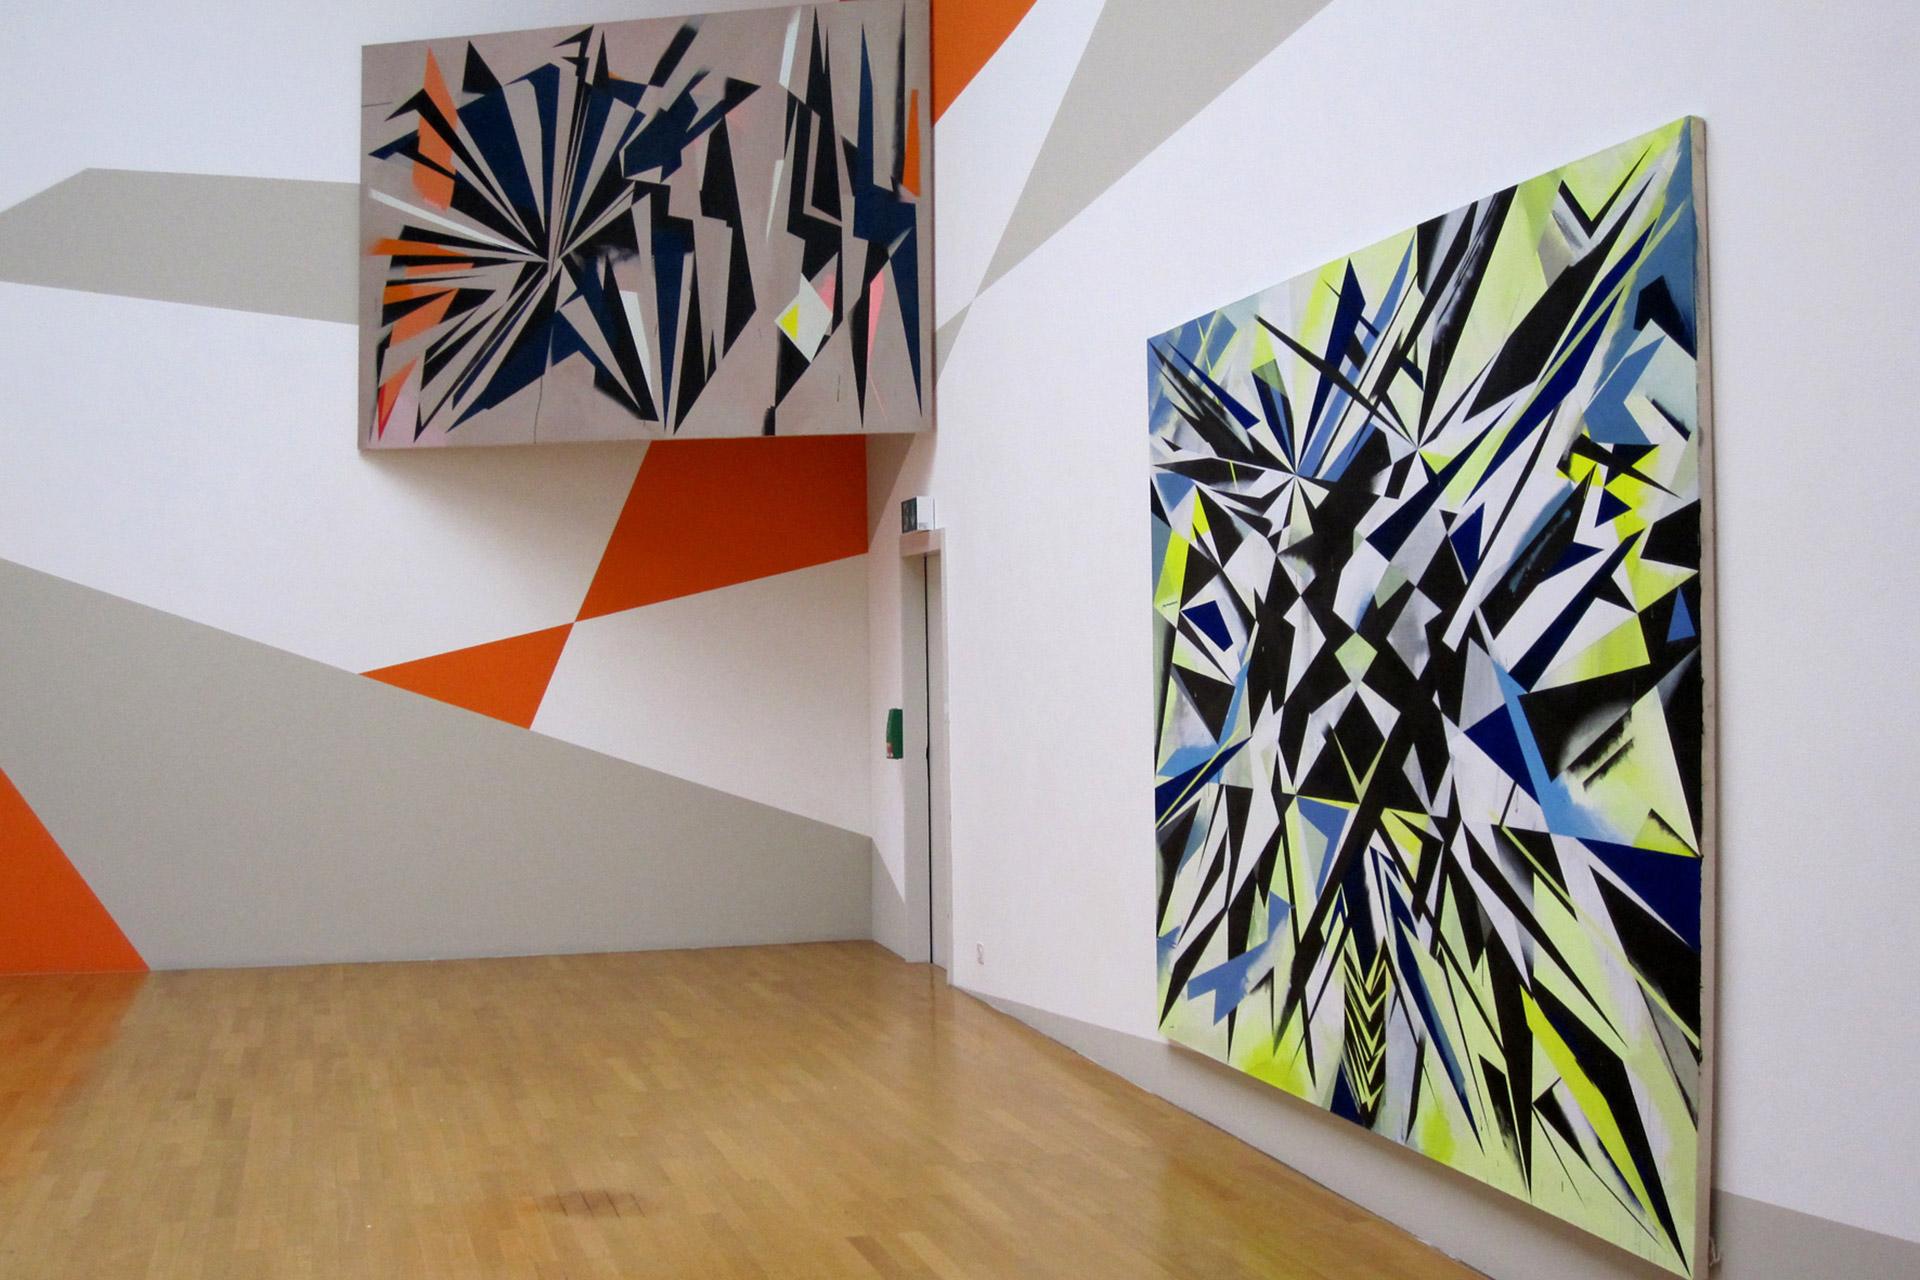 Jaime-Gili-Kunsthalle-Winterthur-2009-2.jpg